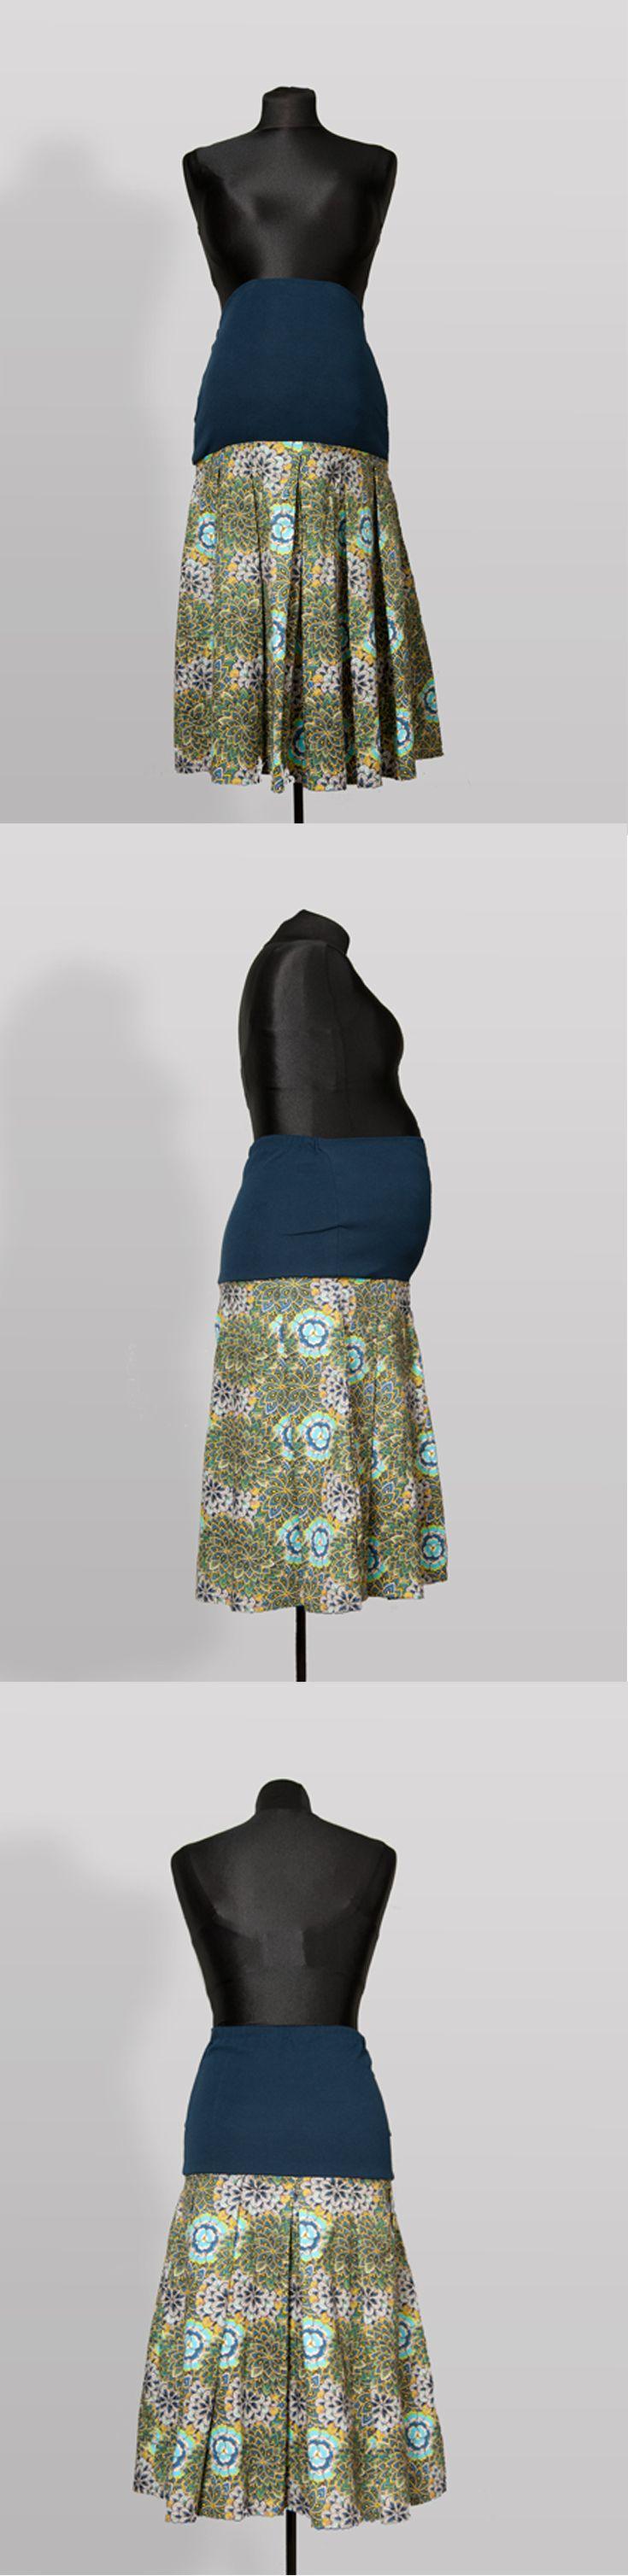 SK005 – Sukně Pro páva Těhotenská sukně z bavlněné látky s pružným pásem Ideální do práce Pružný pás pro zvětšující se bříško Pás je možné nosit přes bříško nebo ohnutý Sukni je možné nosit i po těhotenství